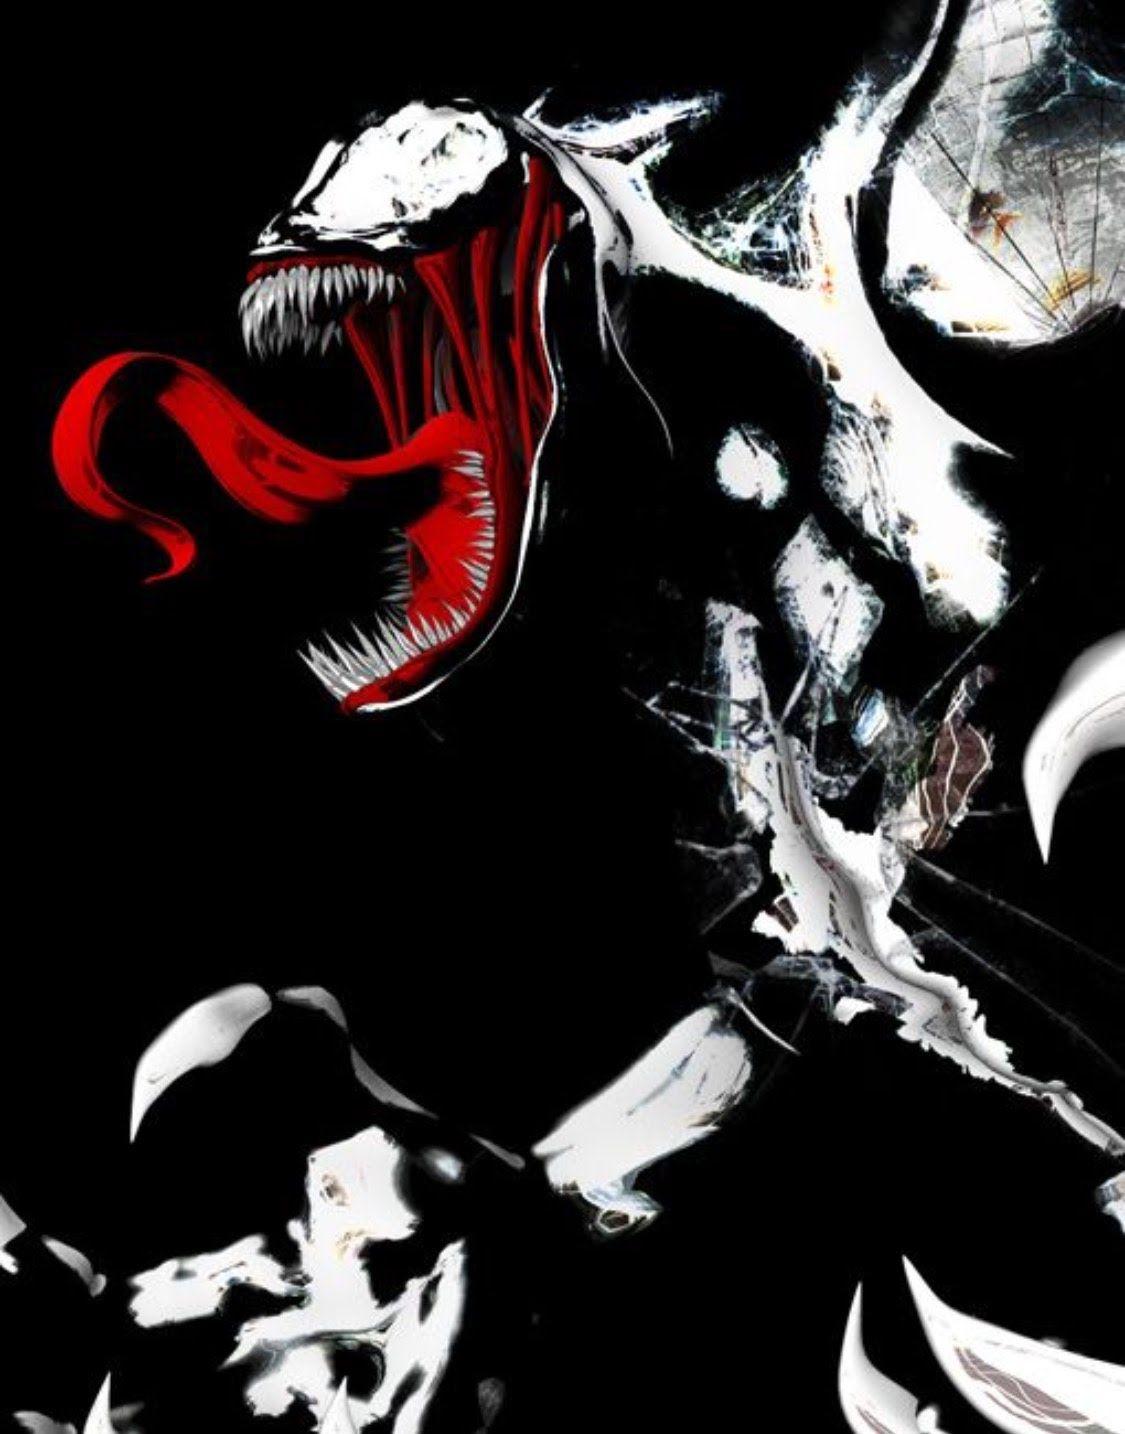 Pin de Cake-chan =OwO= en Venom